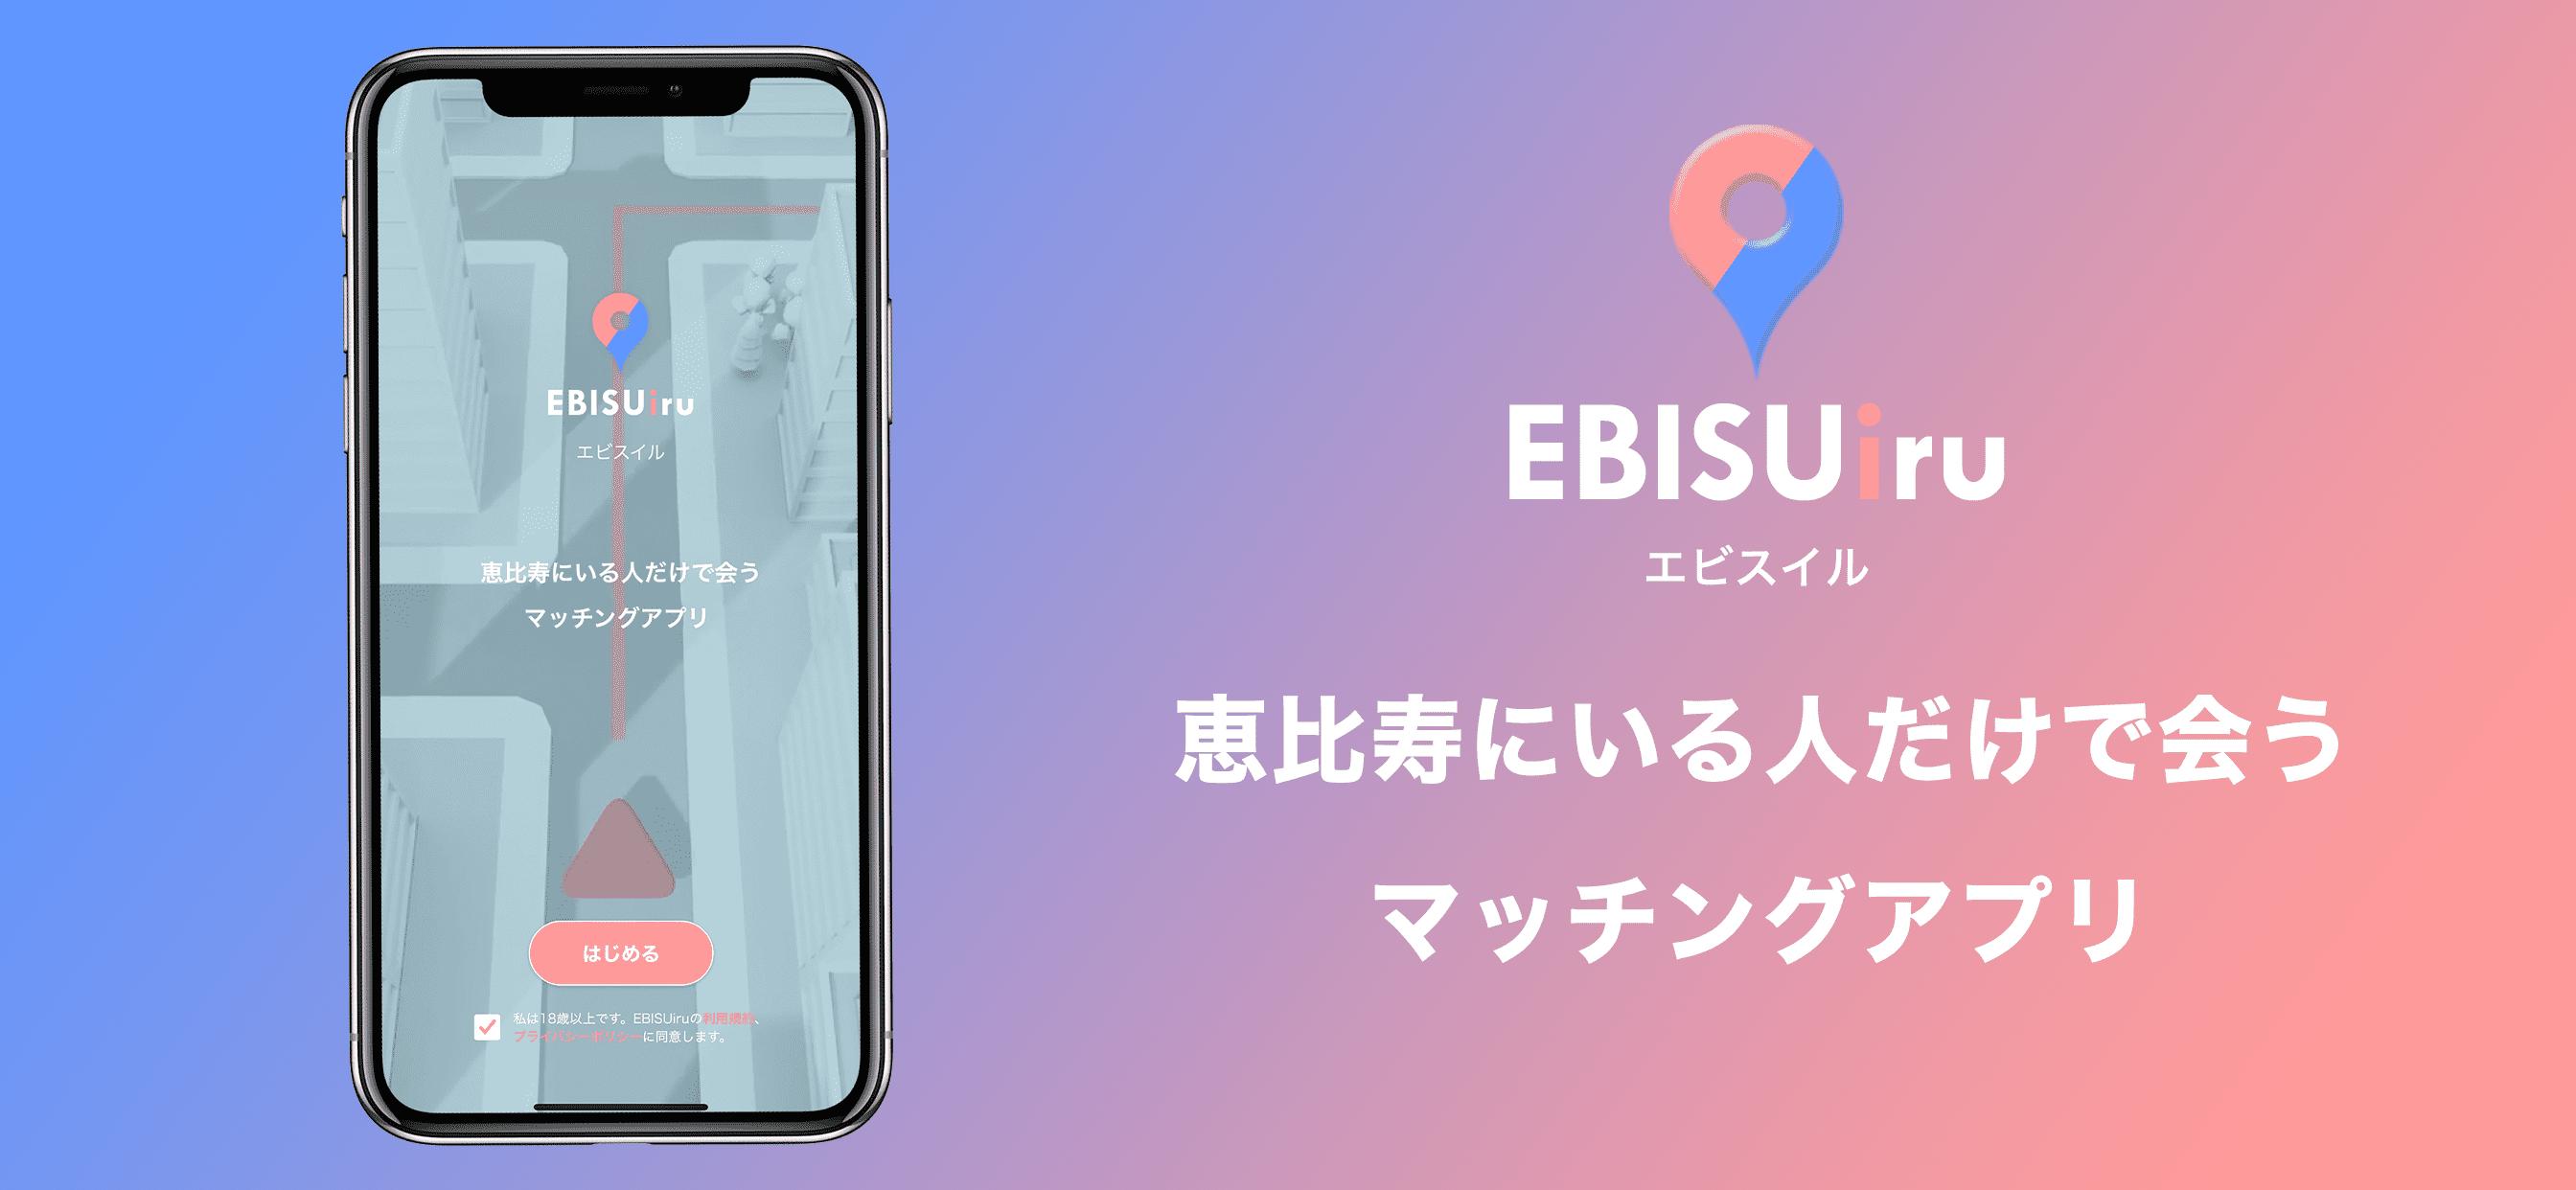 ローカルマッチングアプリ 「EBISUiri(エビスイル)」iOS版リリースのお知らせ。